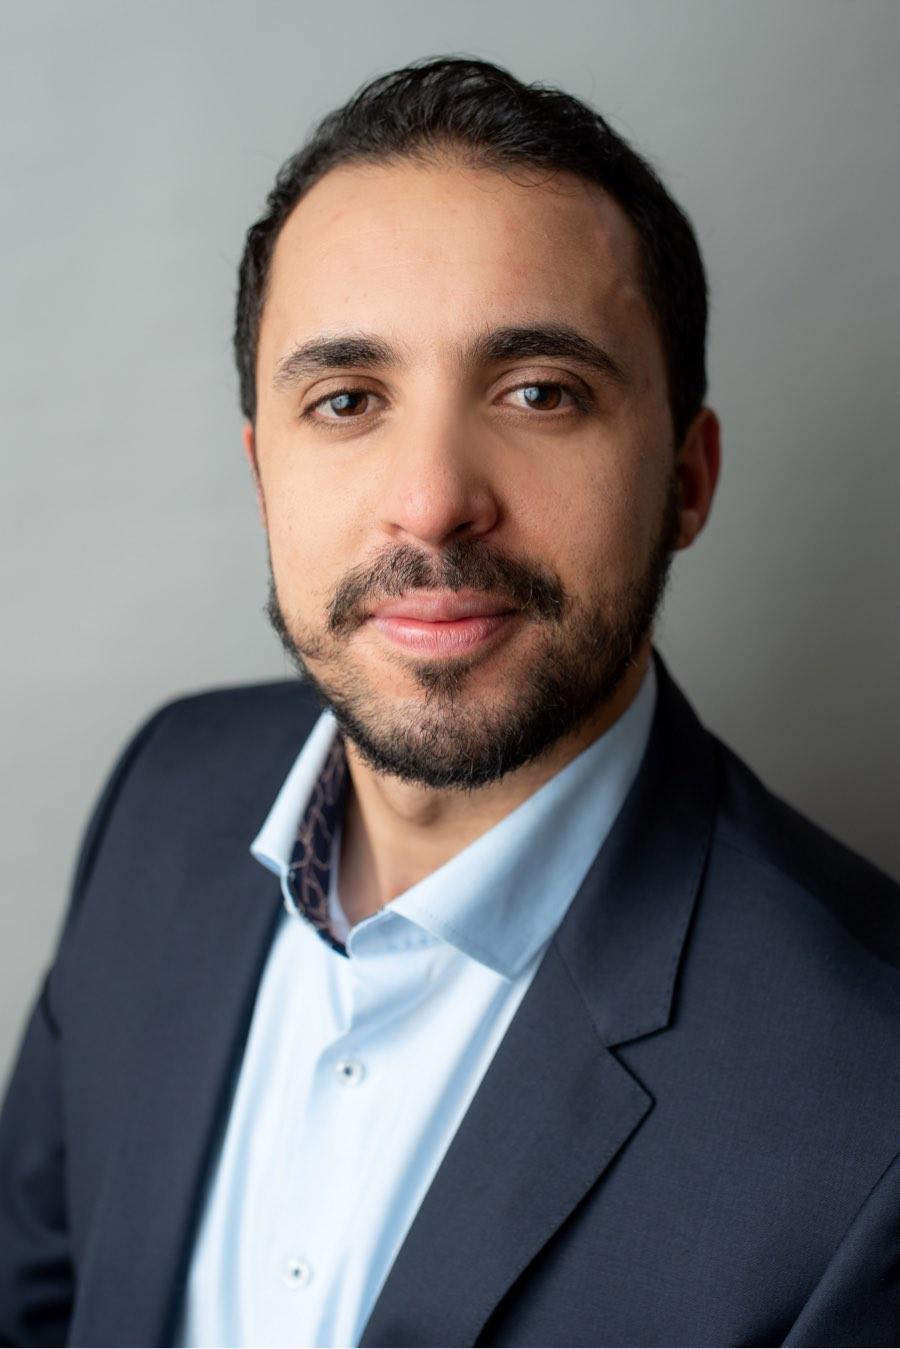 Mohamed Azghari